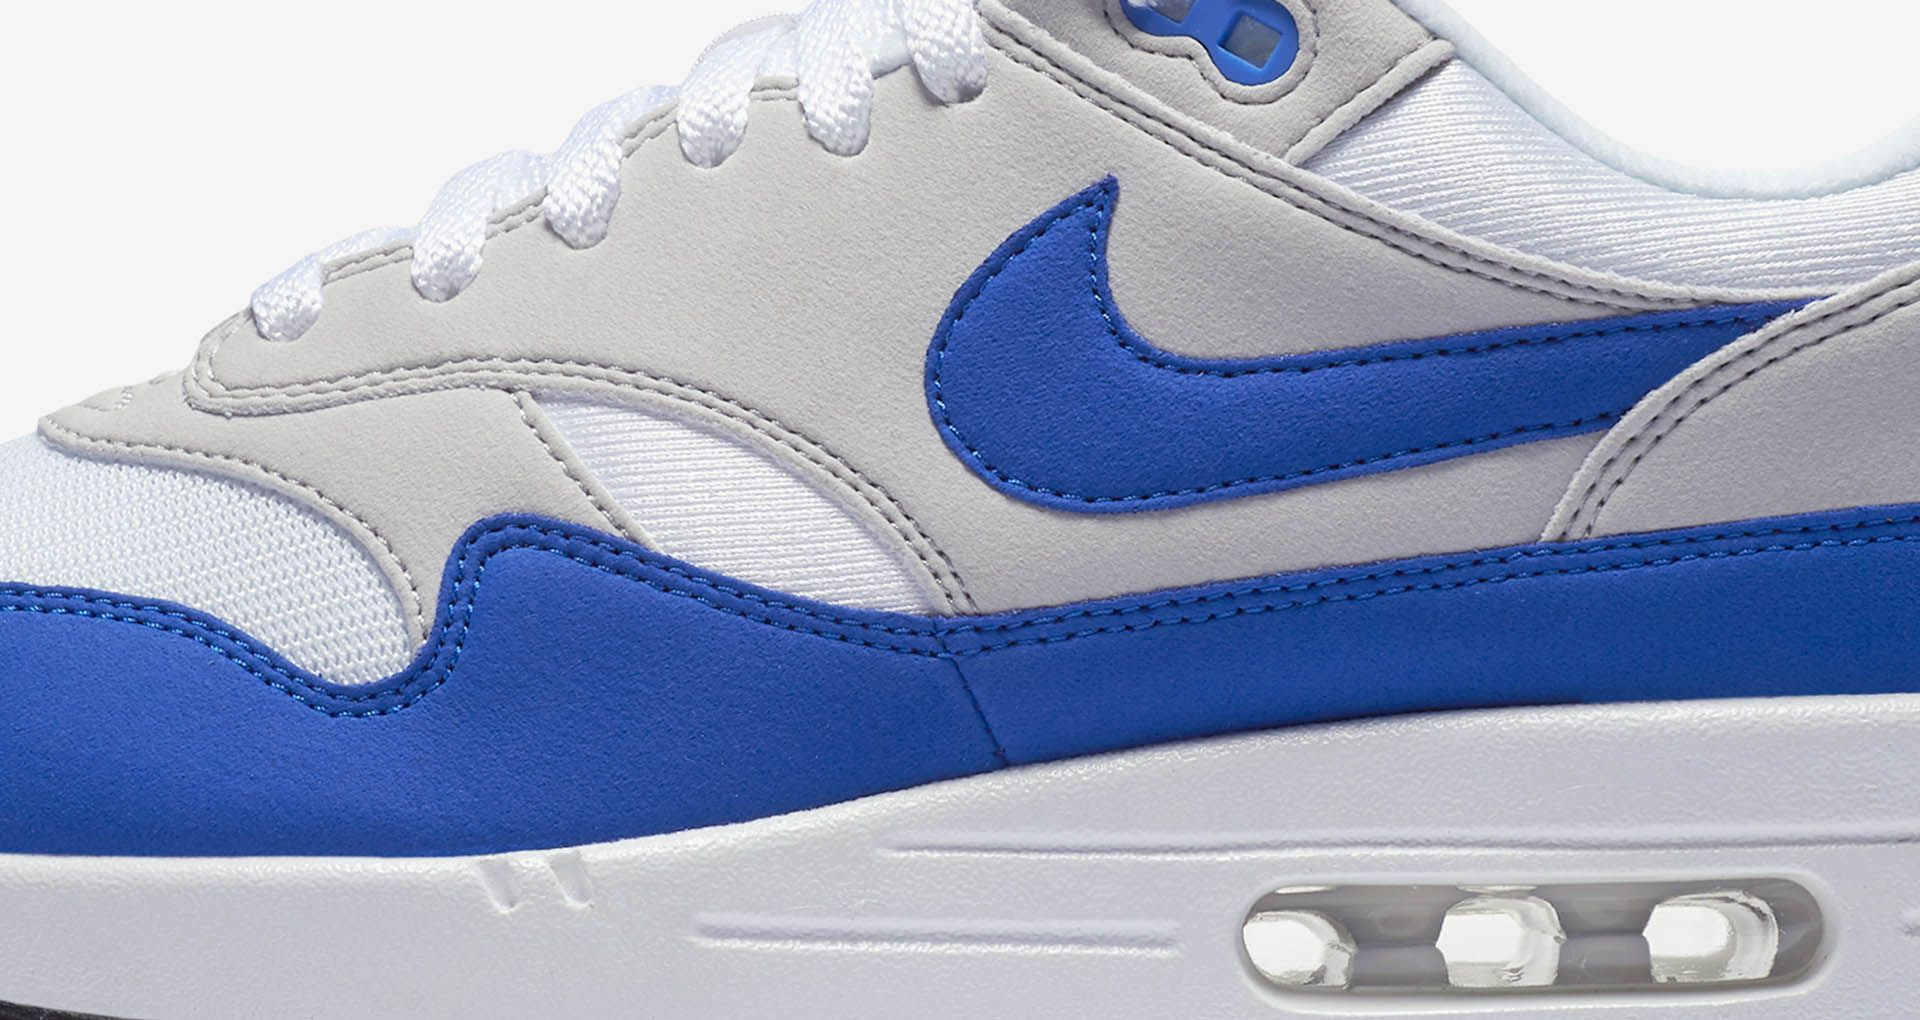 Nike Air Max 1 Anniversary 'White & Neutral Grey & Game